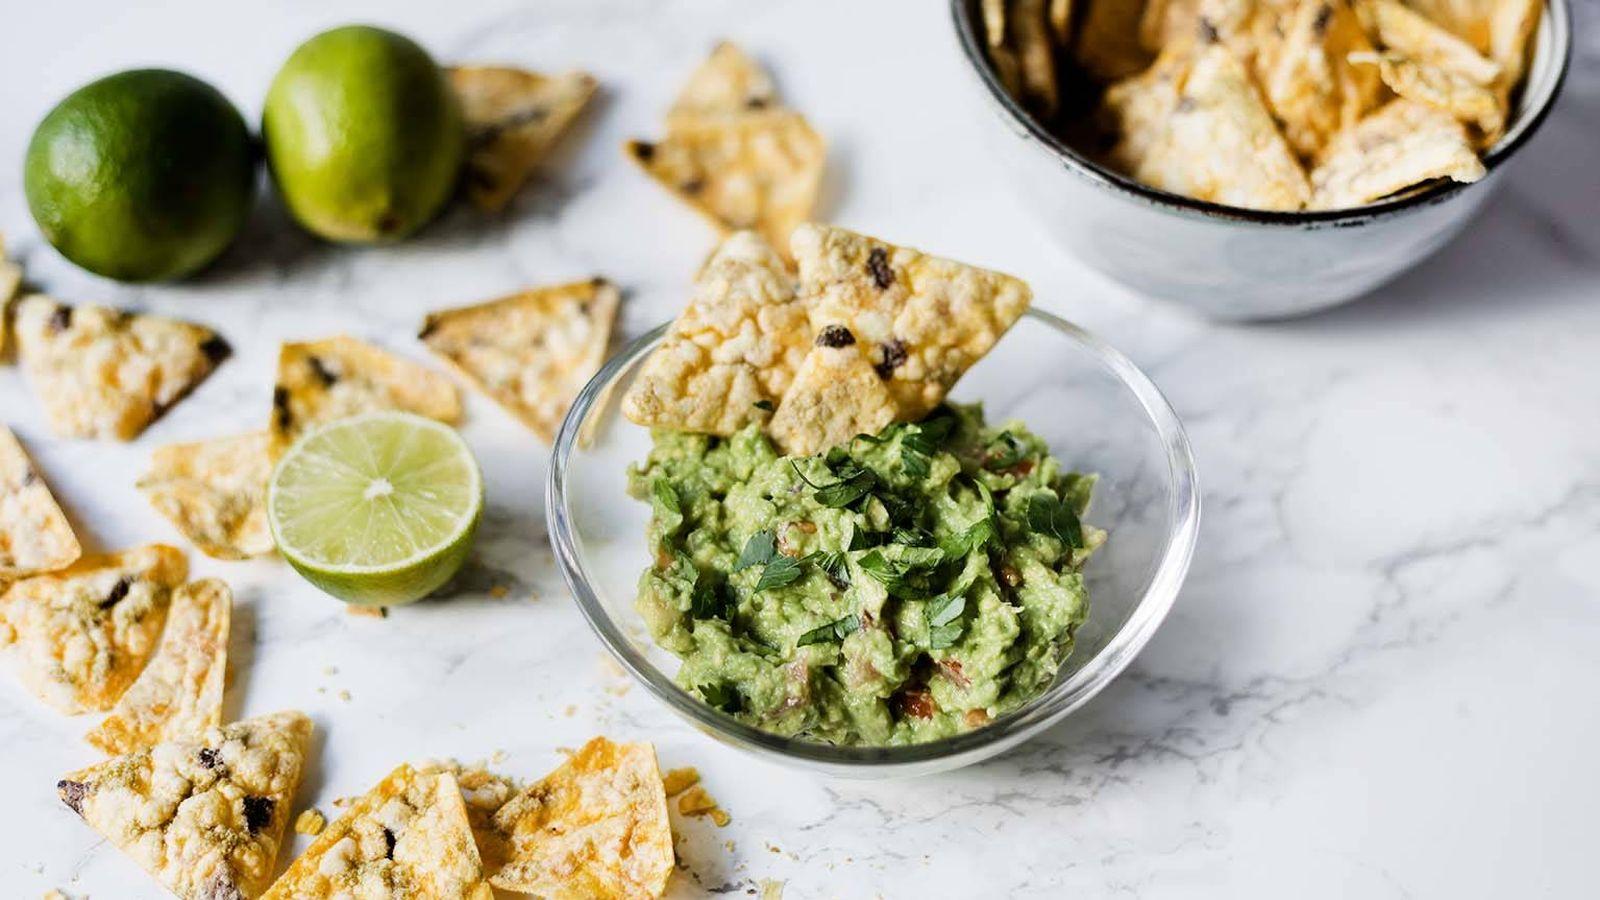 Foto: Guacamole con nachos. (Snaps Fotografía)